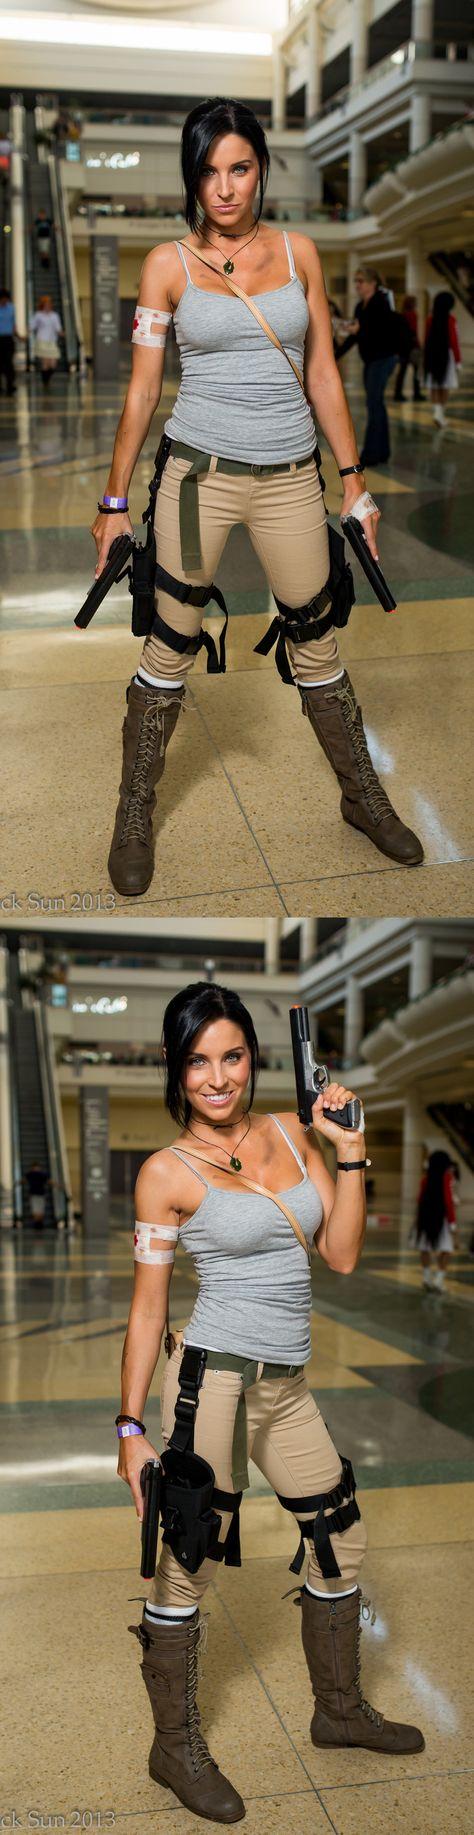 Lara Croft   MegaCon, March 16, 2013